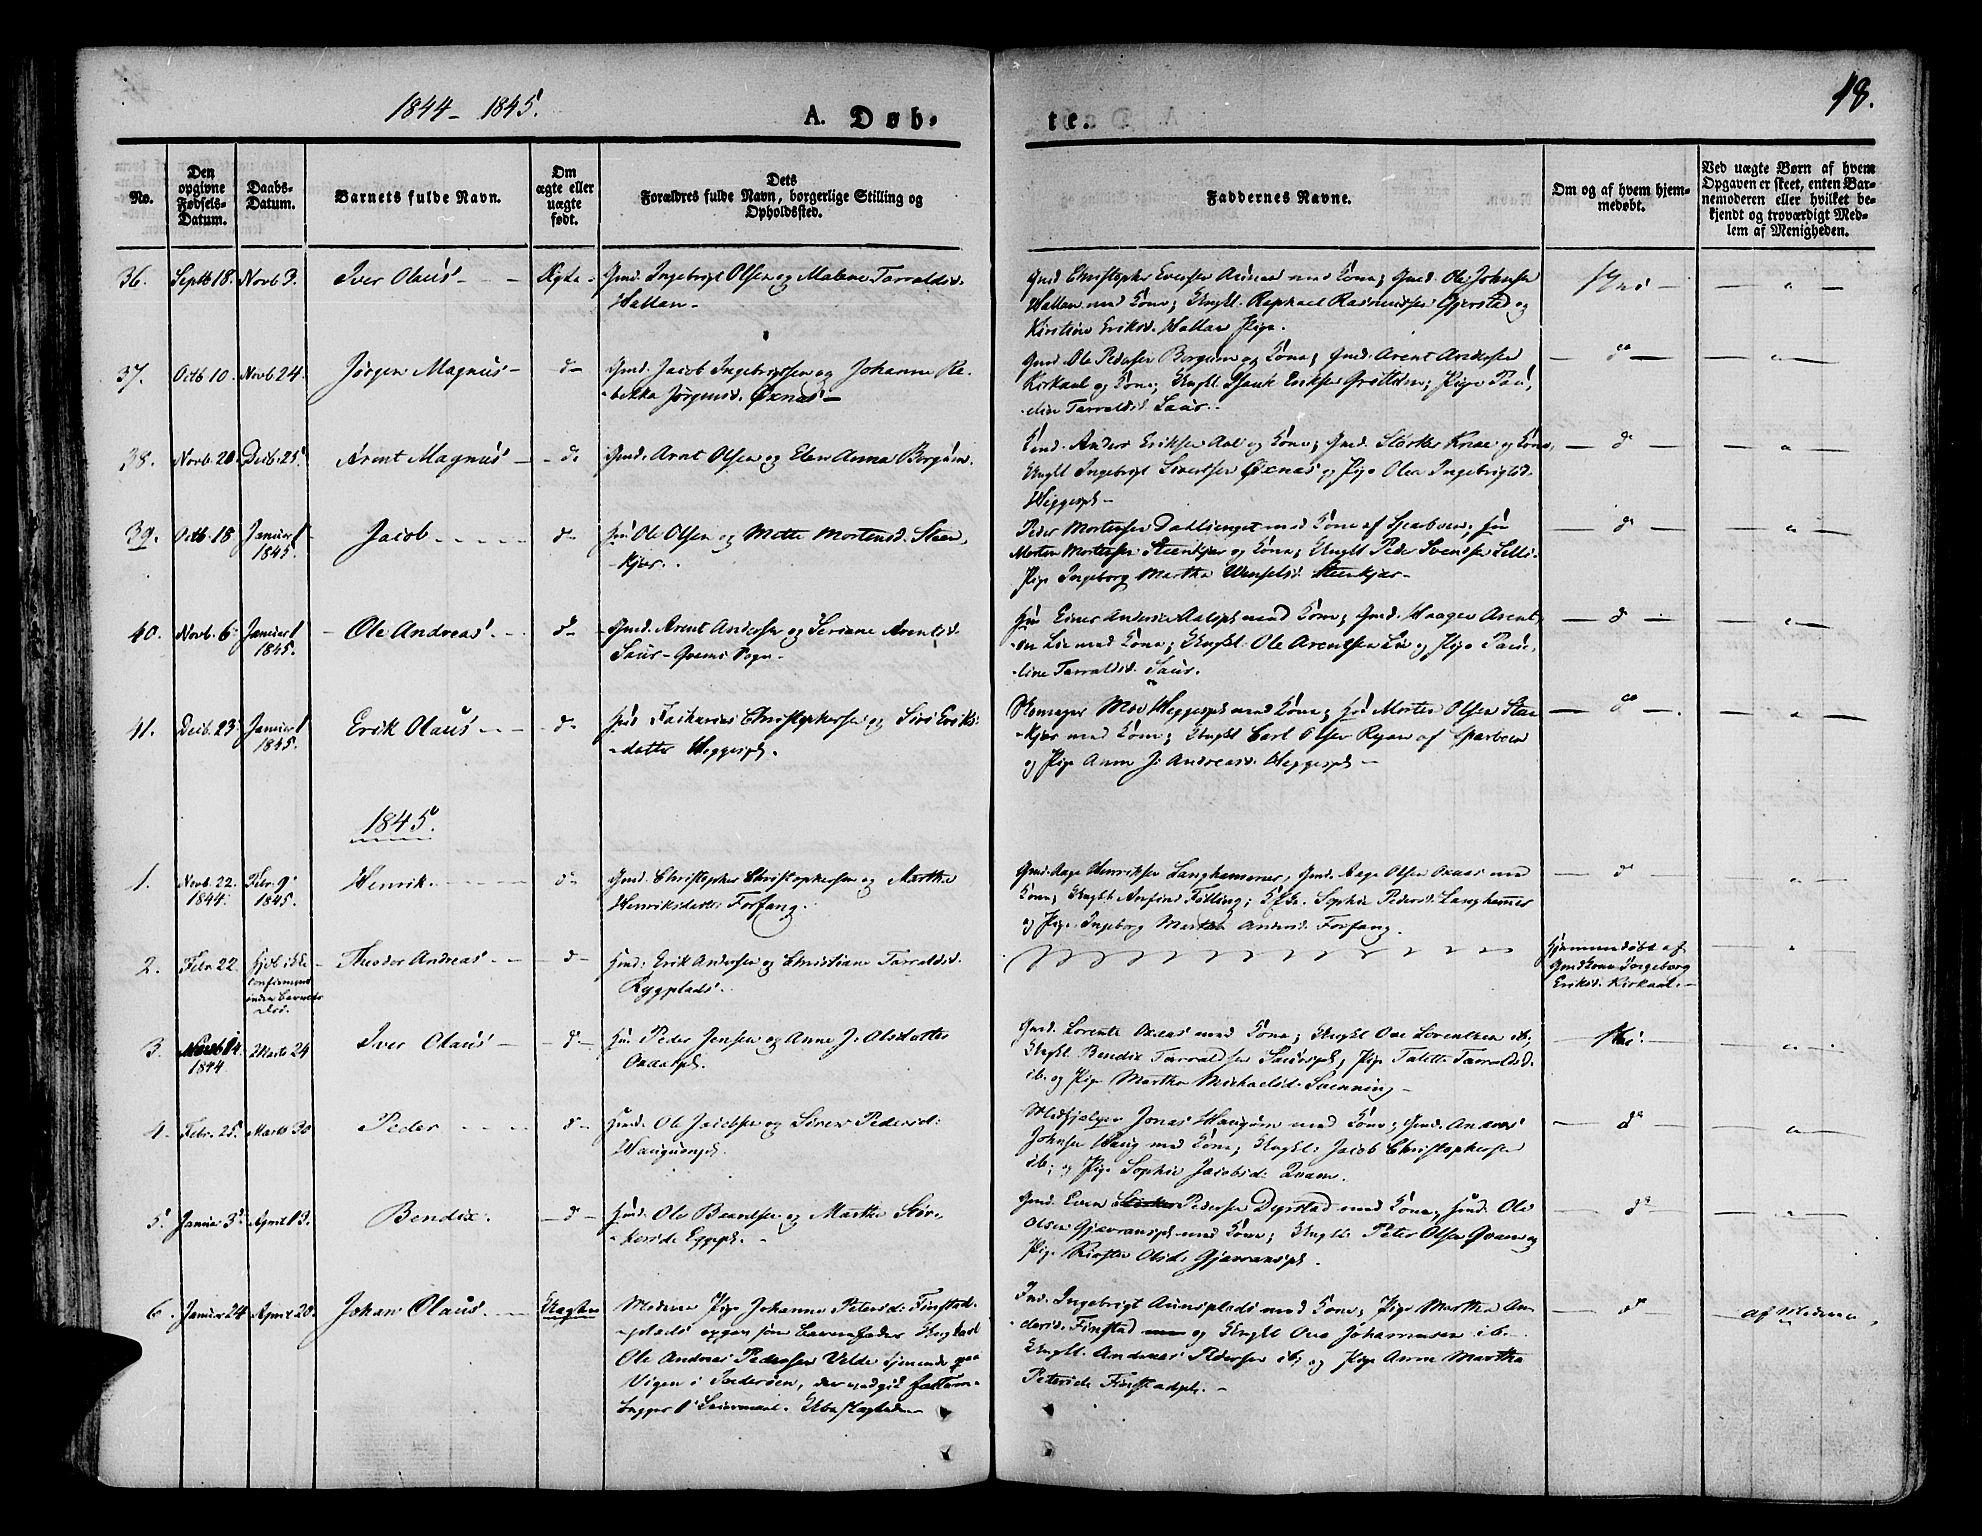 SAT, Ministerialprotokoller, klokkerbøker og fødselsregistre - Nord-Trøndelag, 746/L0445: Ministerialbok nr. 746A04, 1826-1846, s. 48